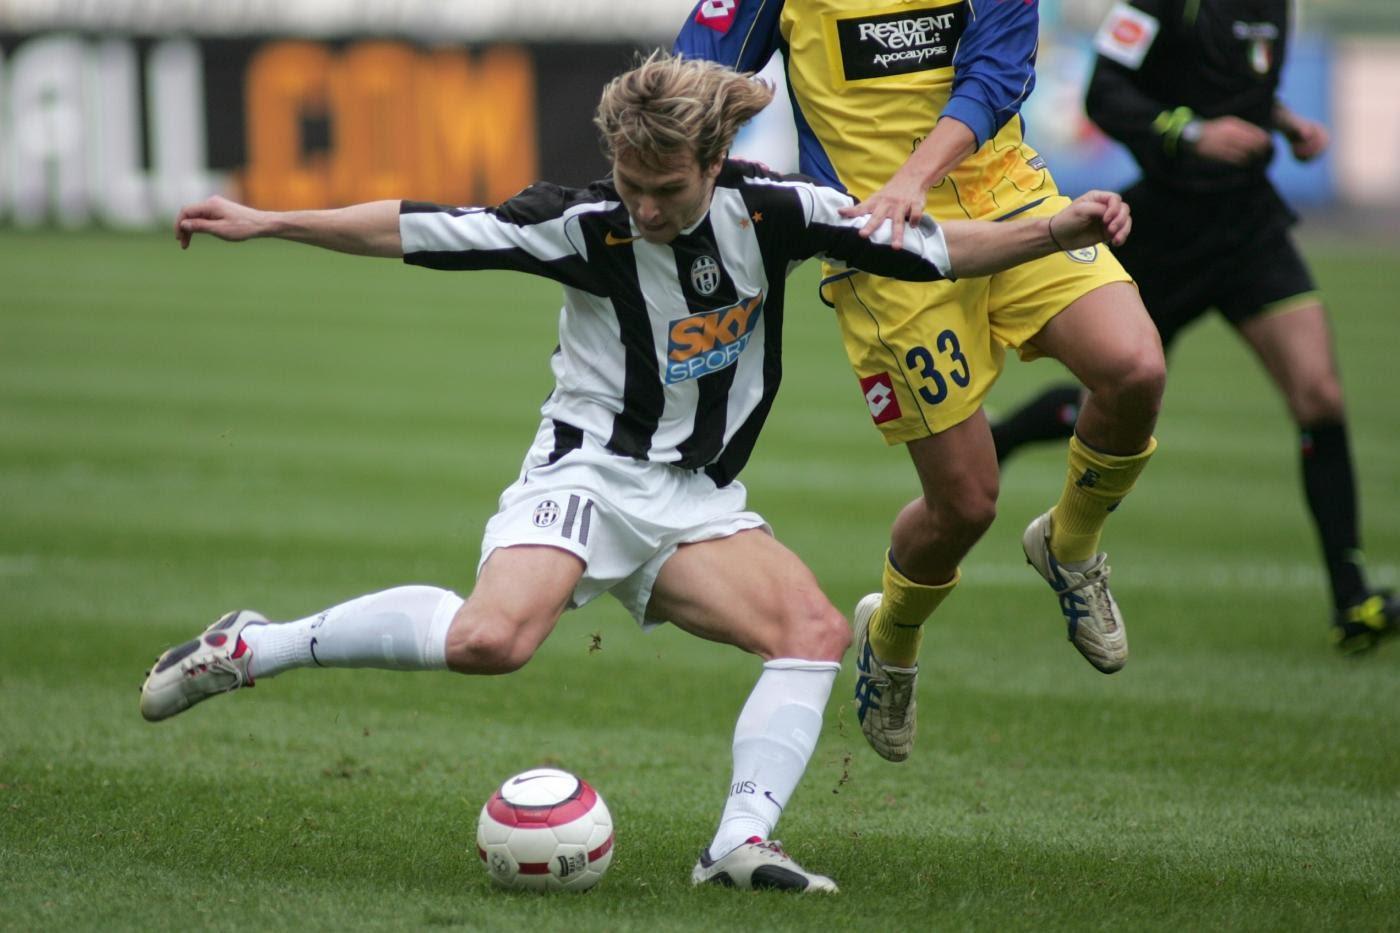 31/10/2004 - Serie A - Juventus-Chievo 3-0